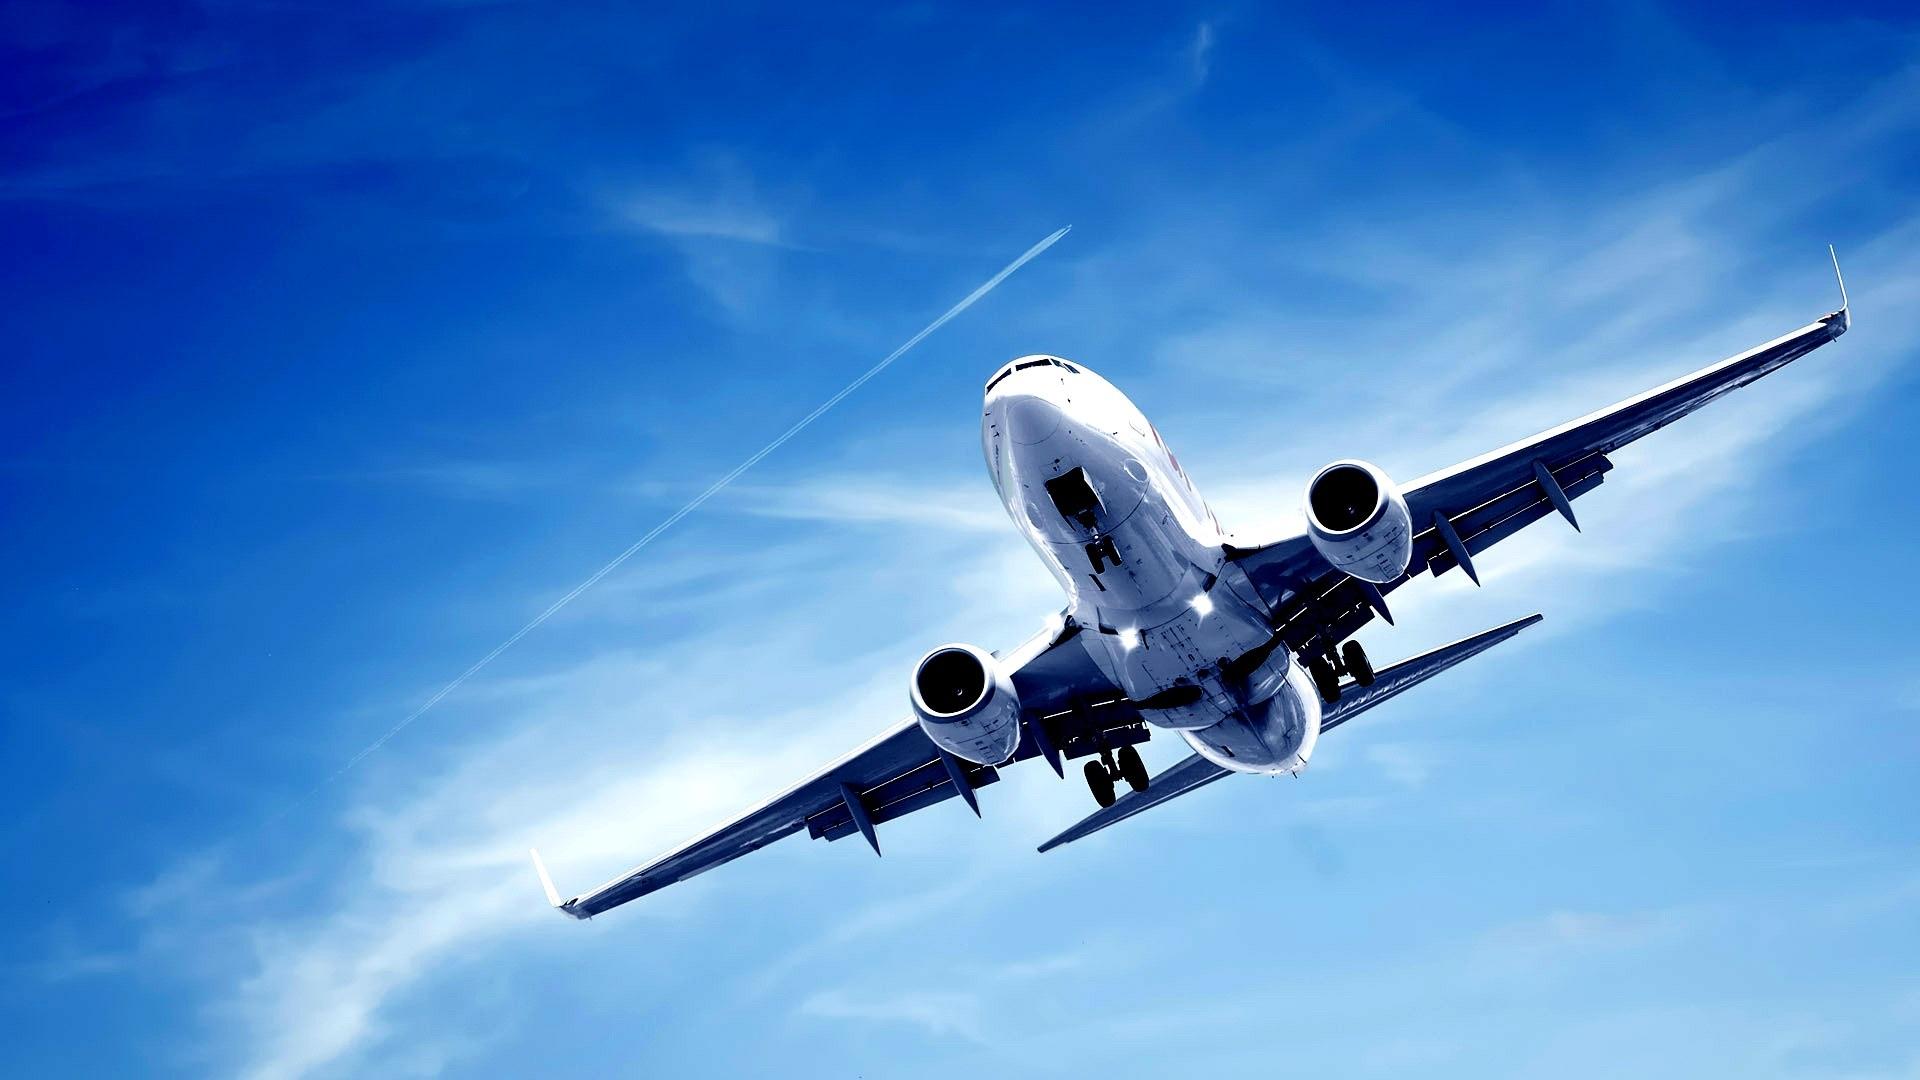 Стюардесса по имени caribbean airlines смотреть онлайн смотреть 15 фотография